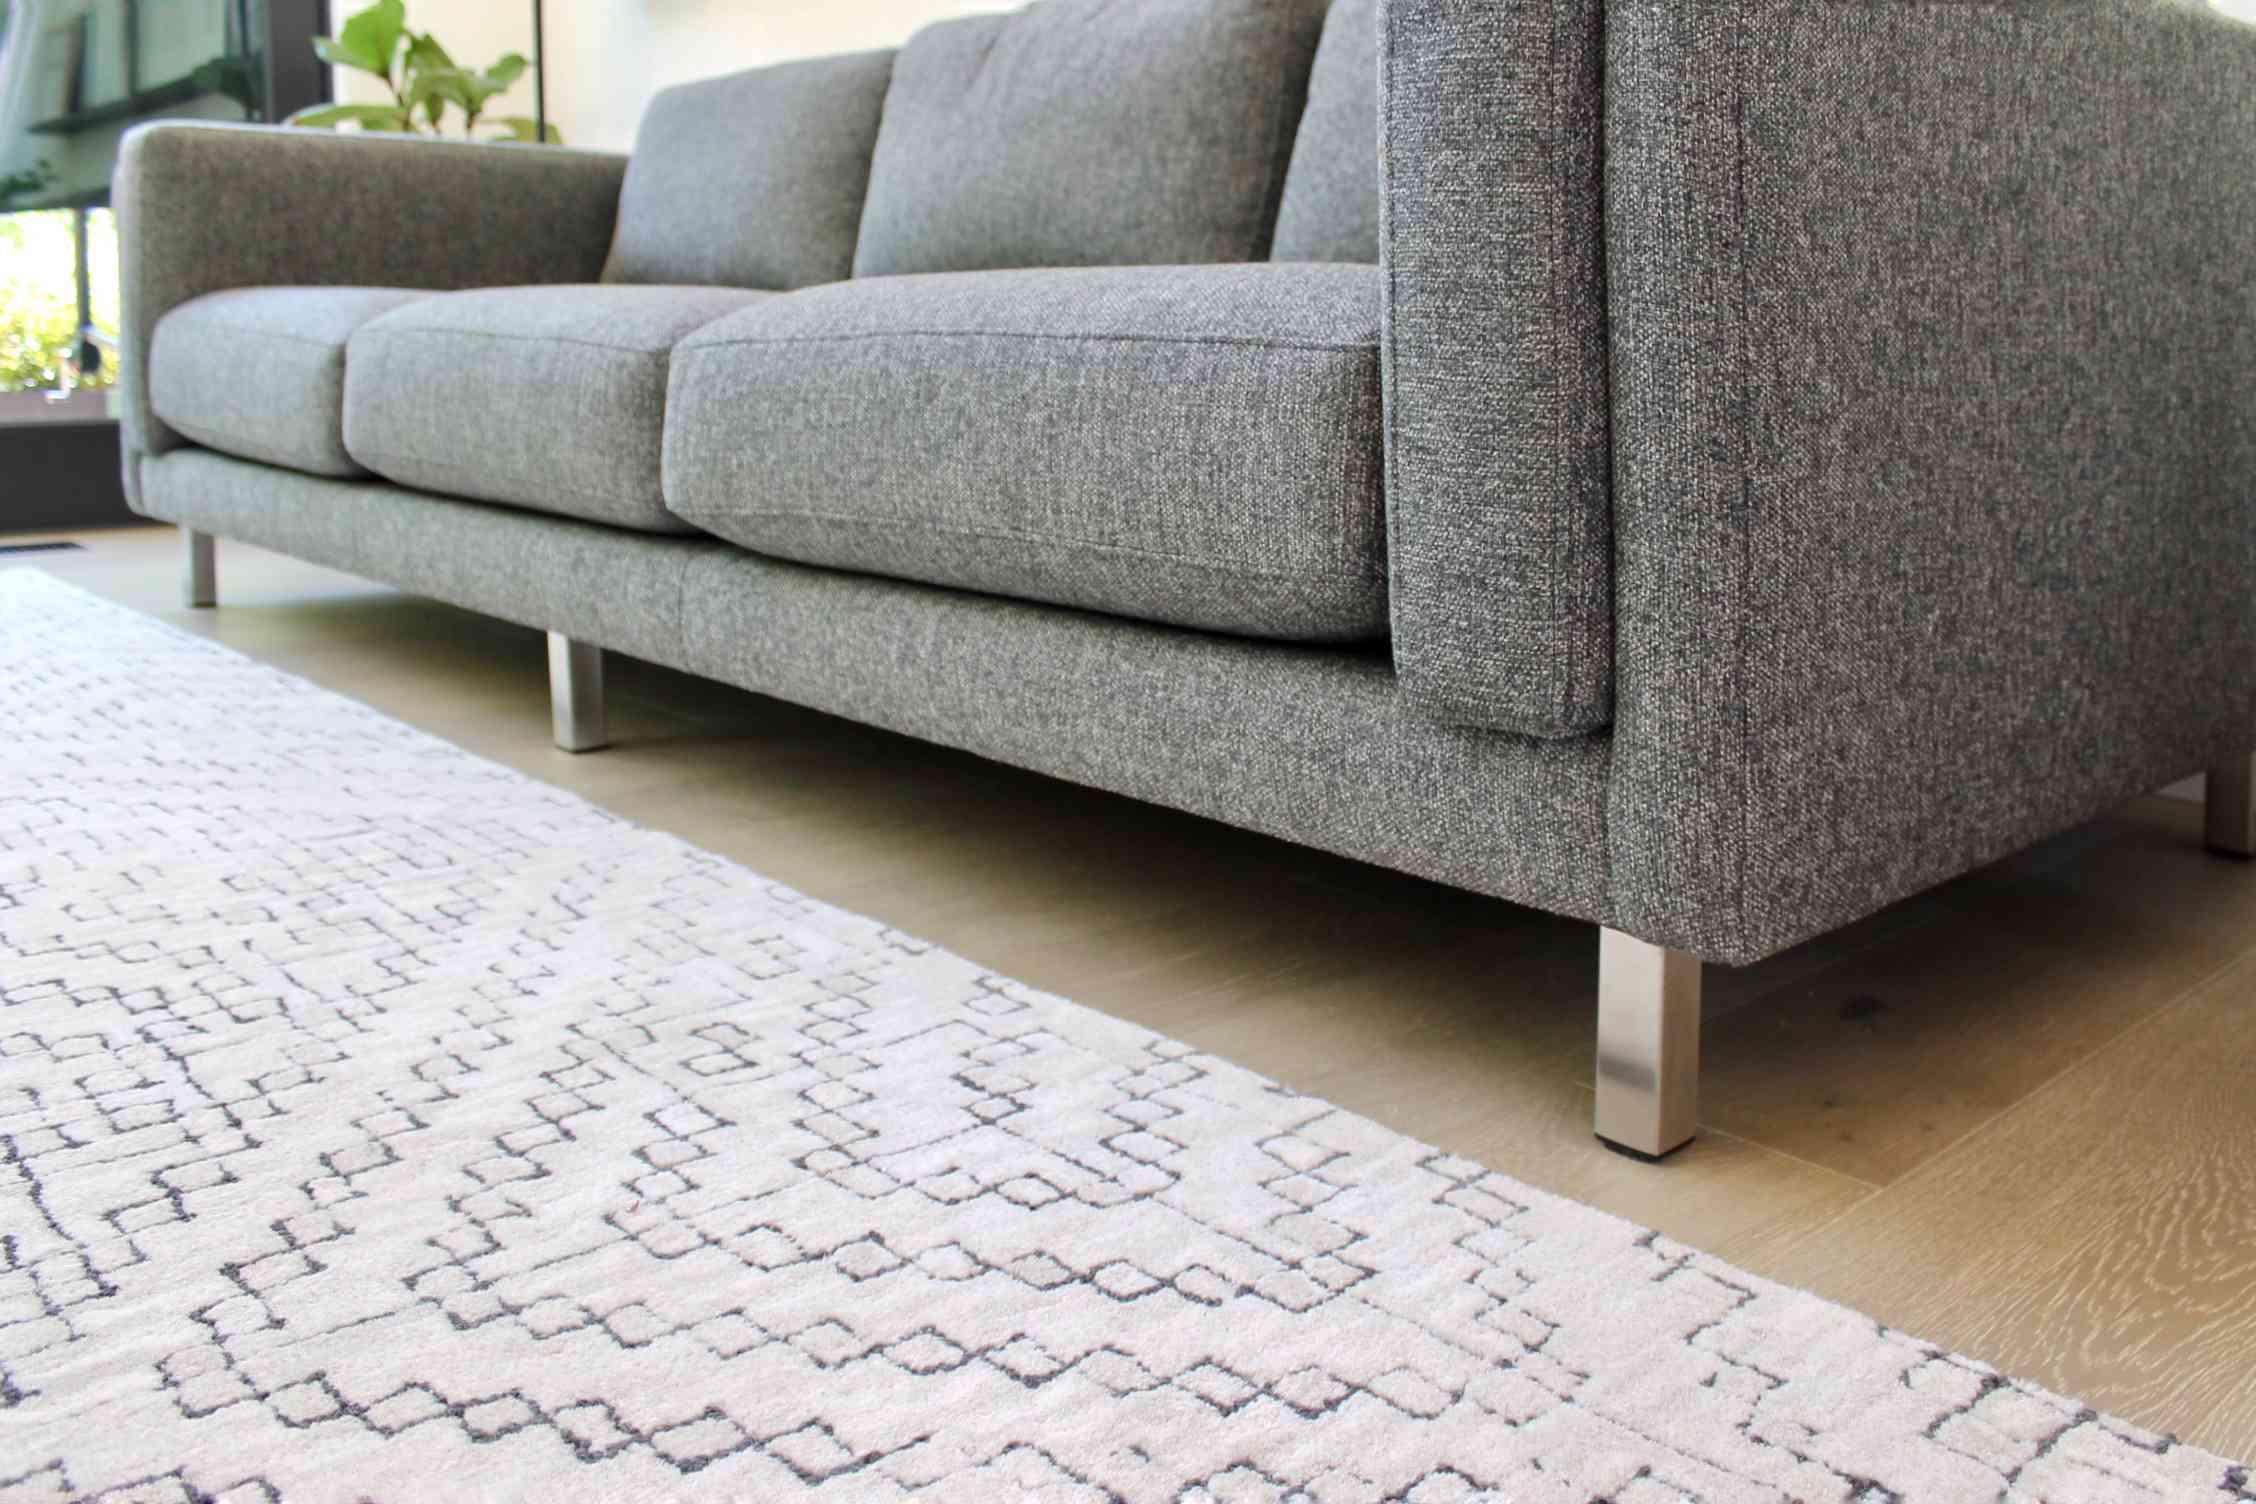 area rug near a sofa